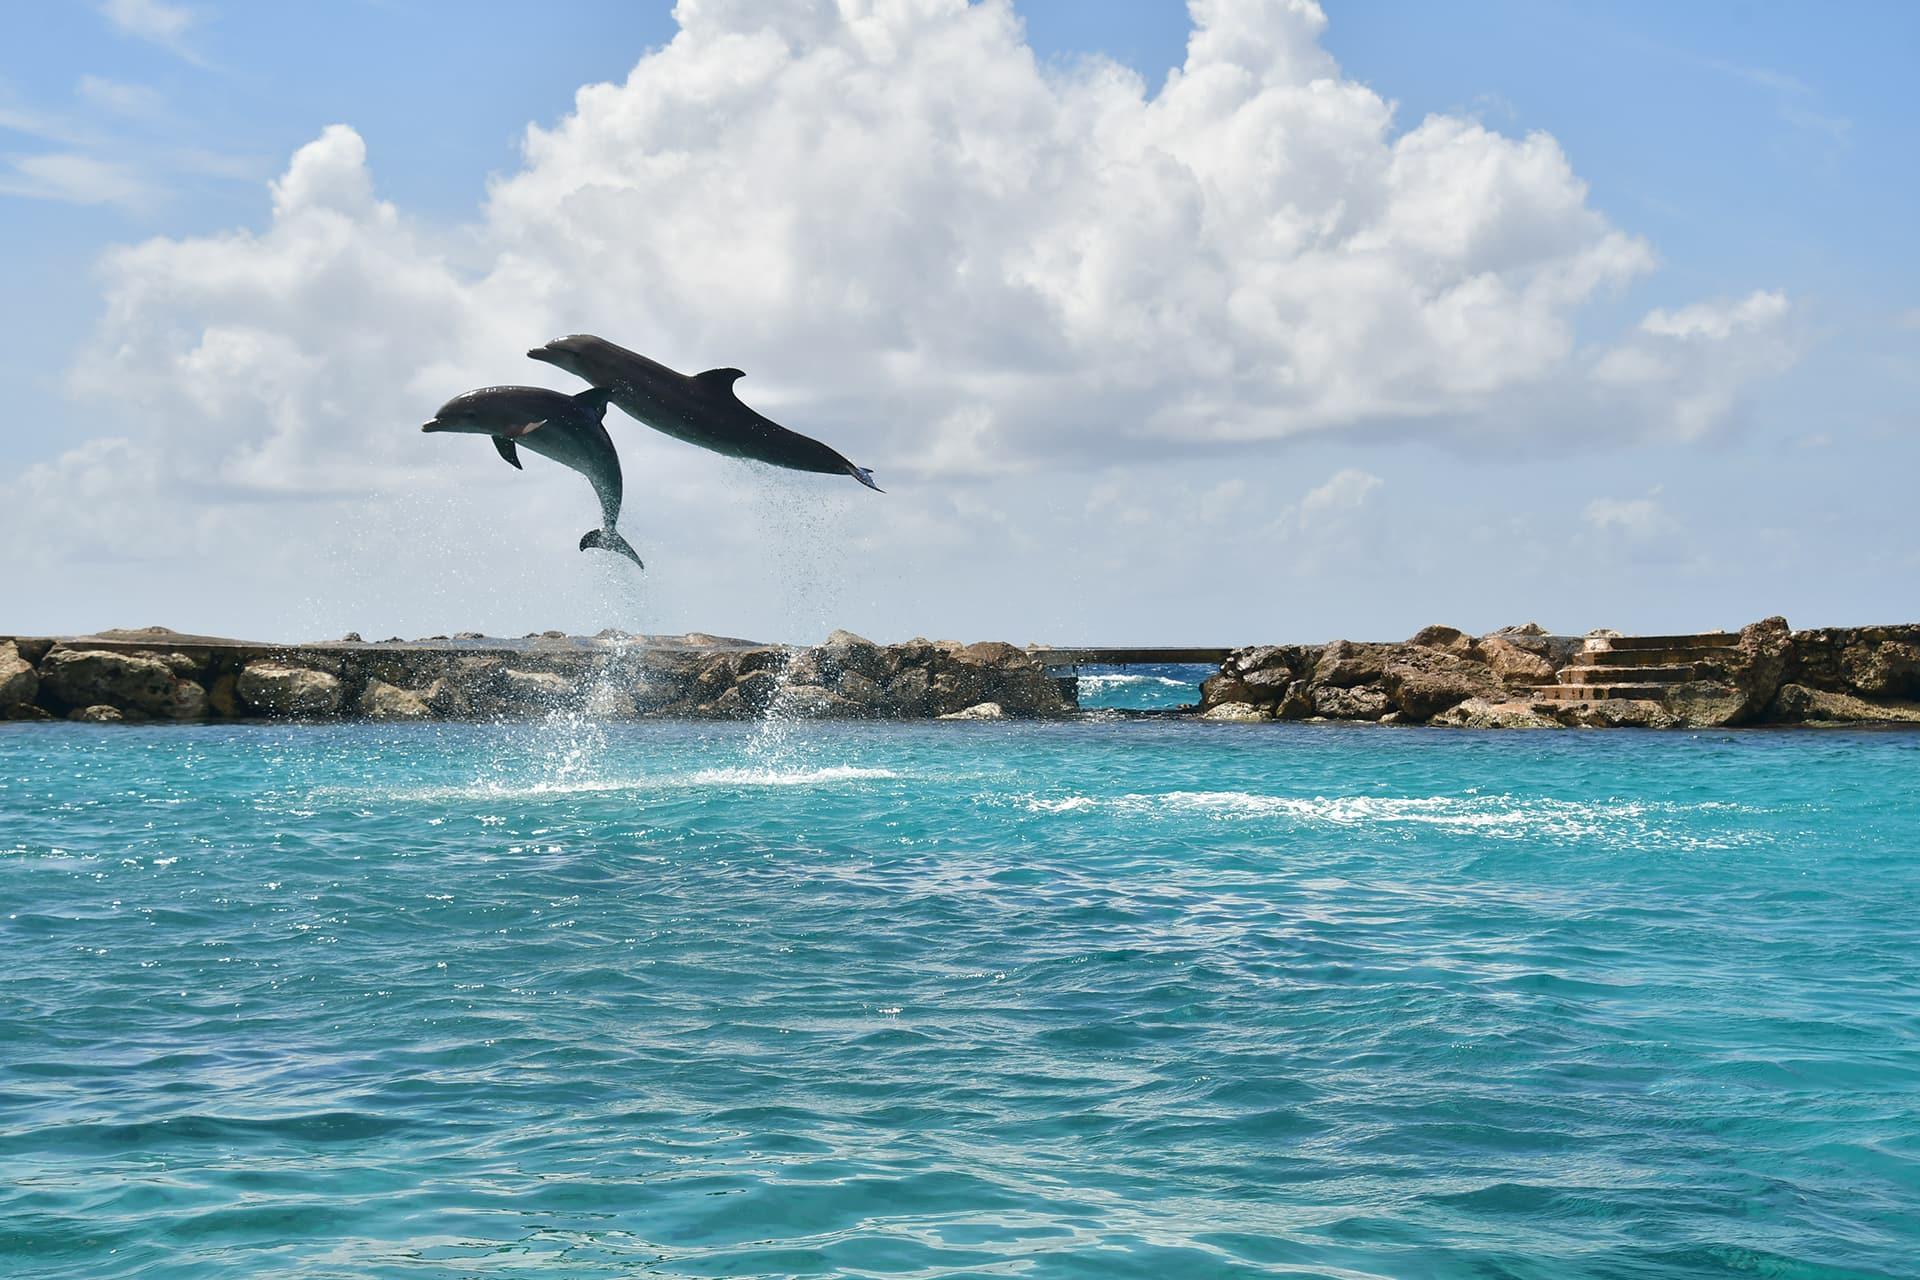 Twee dolfijnen springen extreem hoog uit de zee.